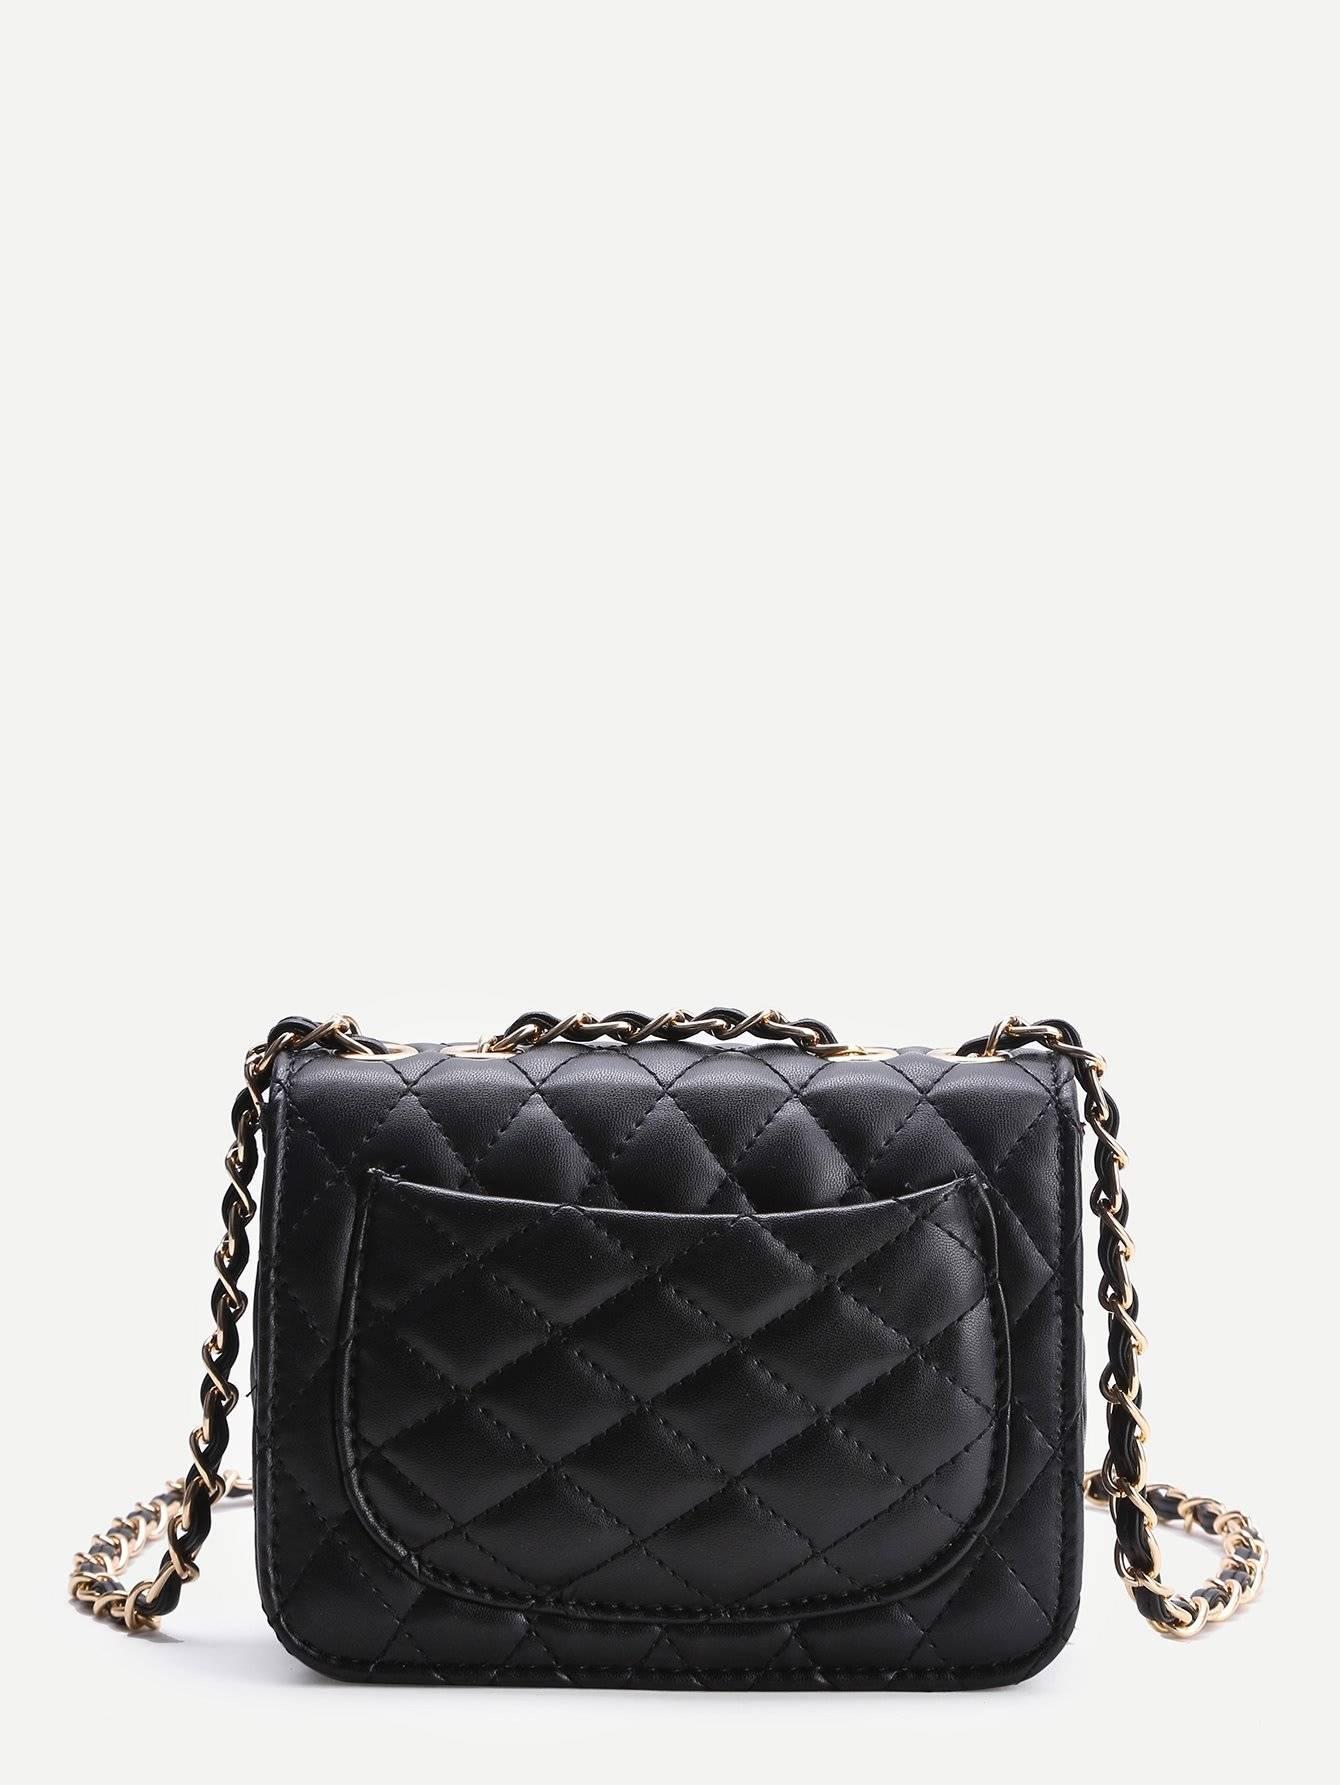 حقيبة نسوية أزياء سوداء مع السلسة-6